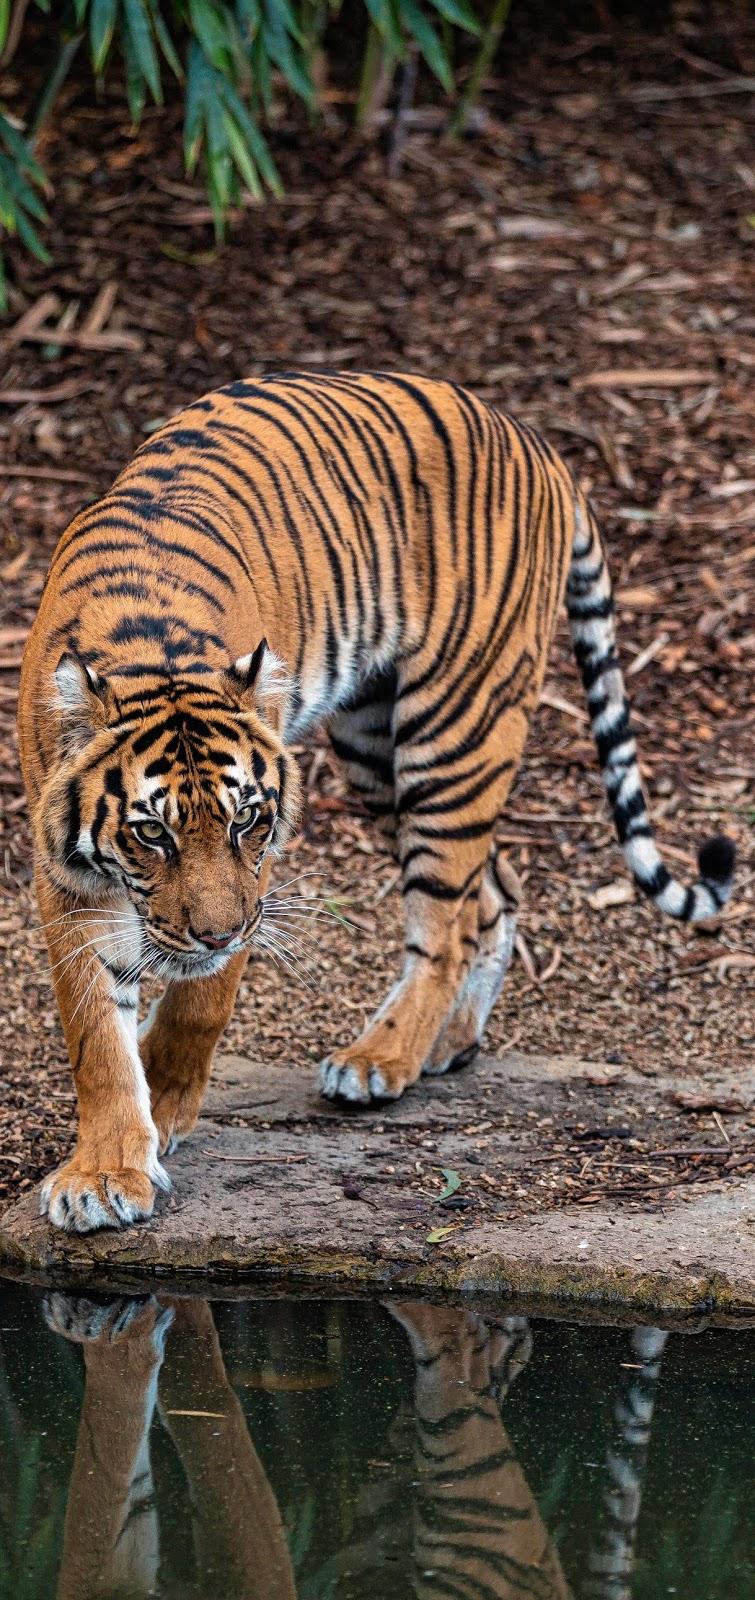 A pompous tiger.